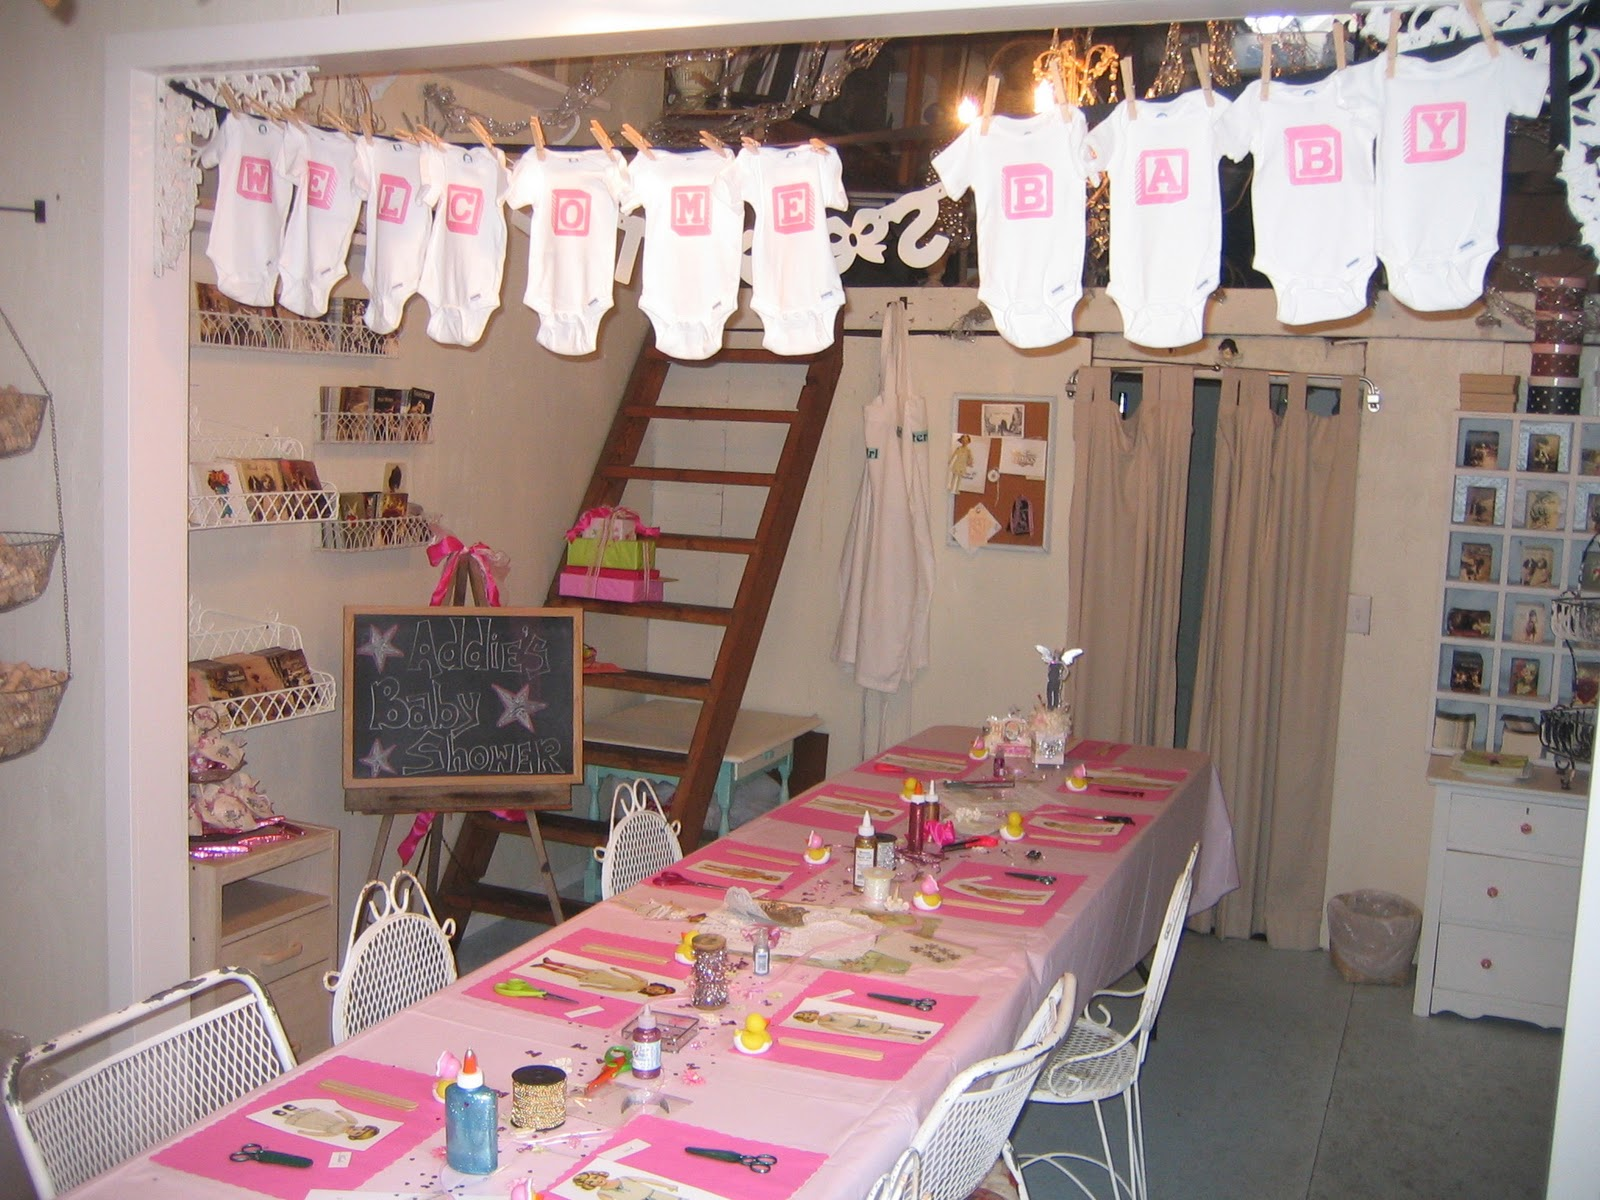 glitter girl studio set up for baby shower